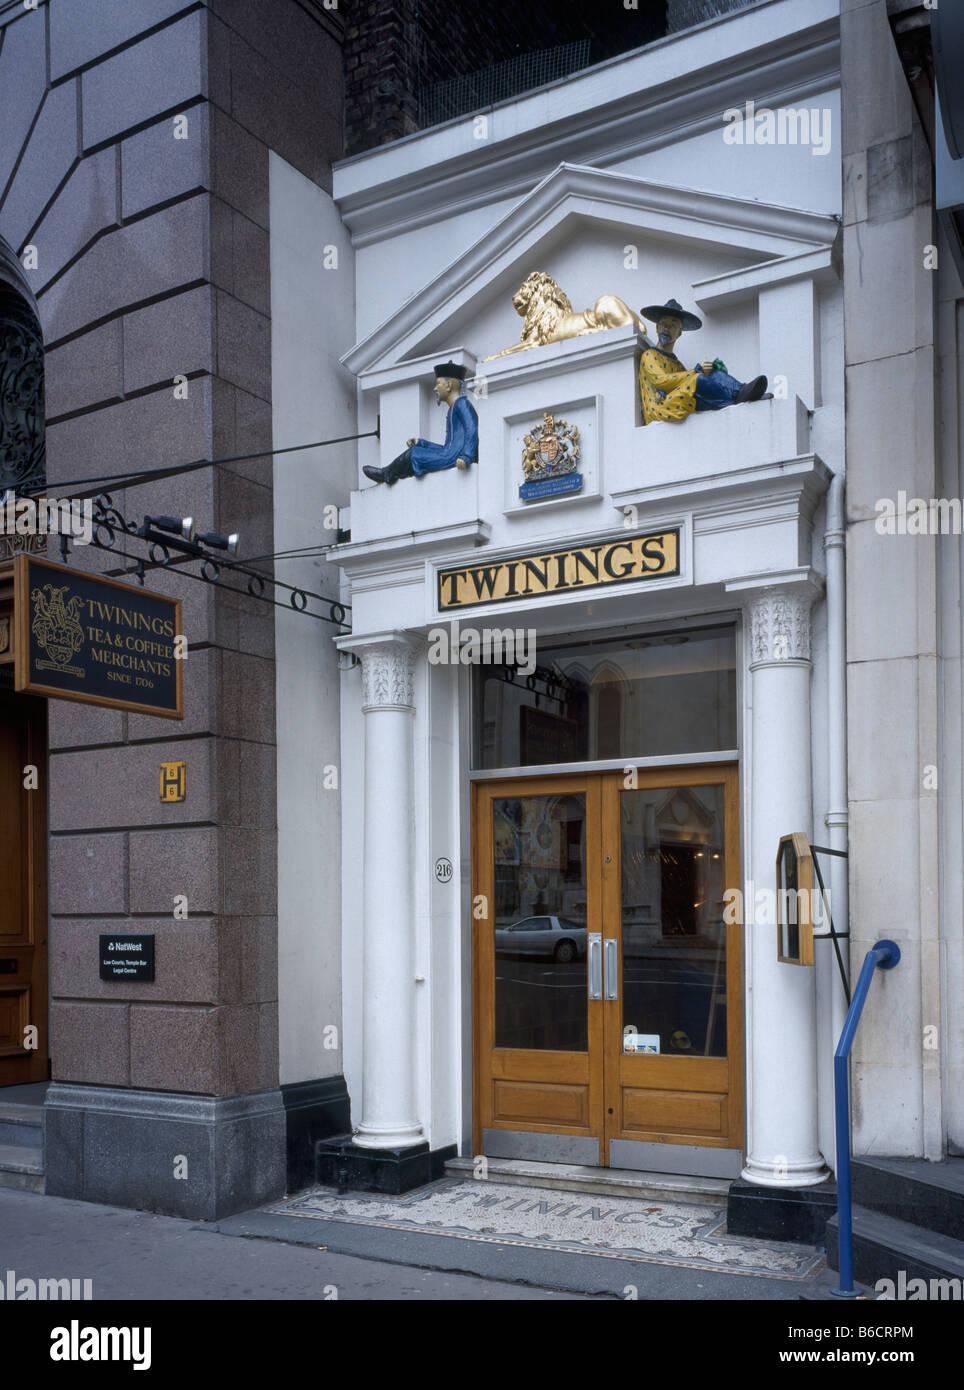 House of Twining - Stock Image